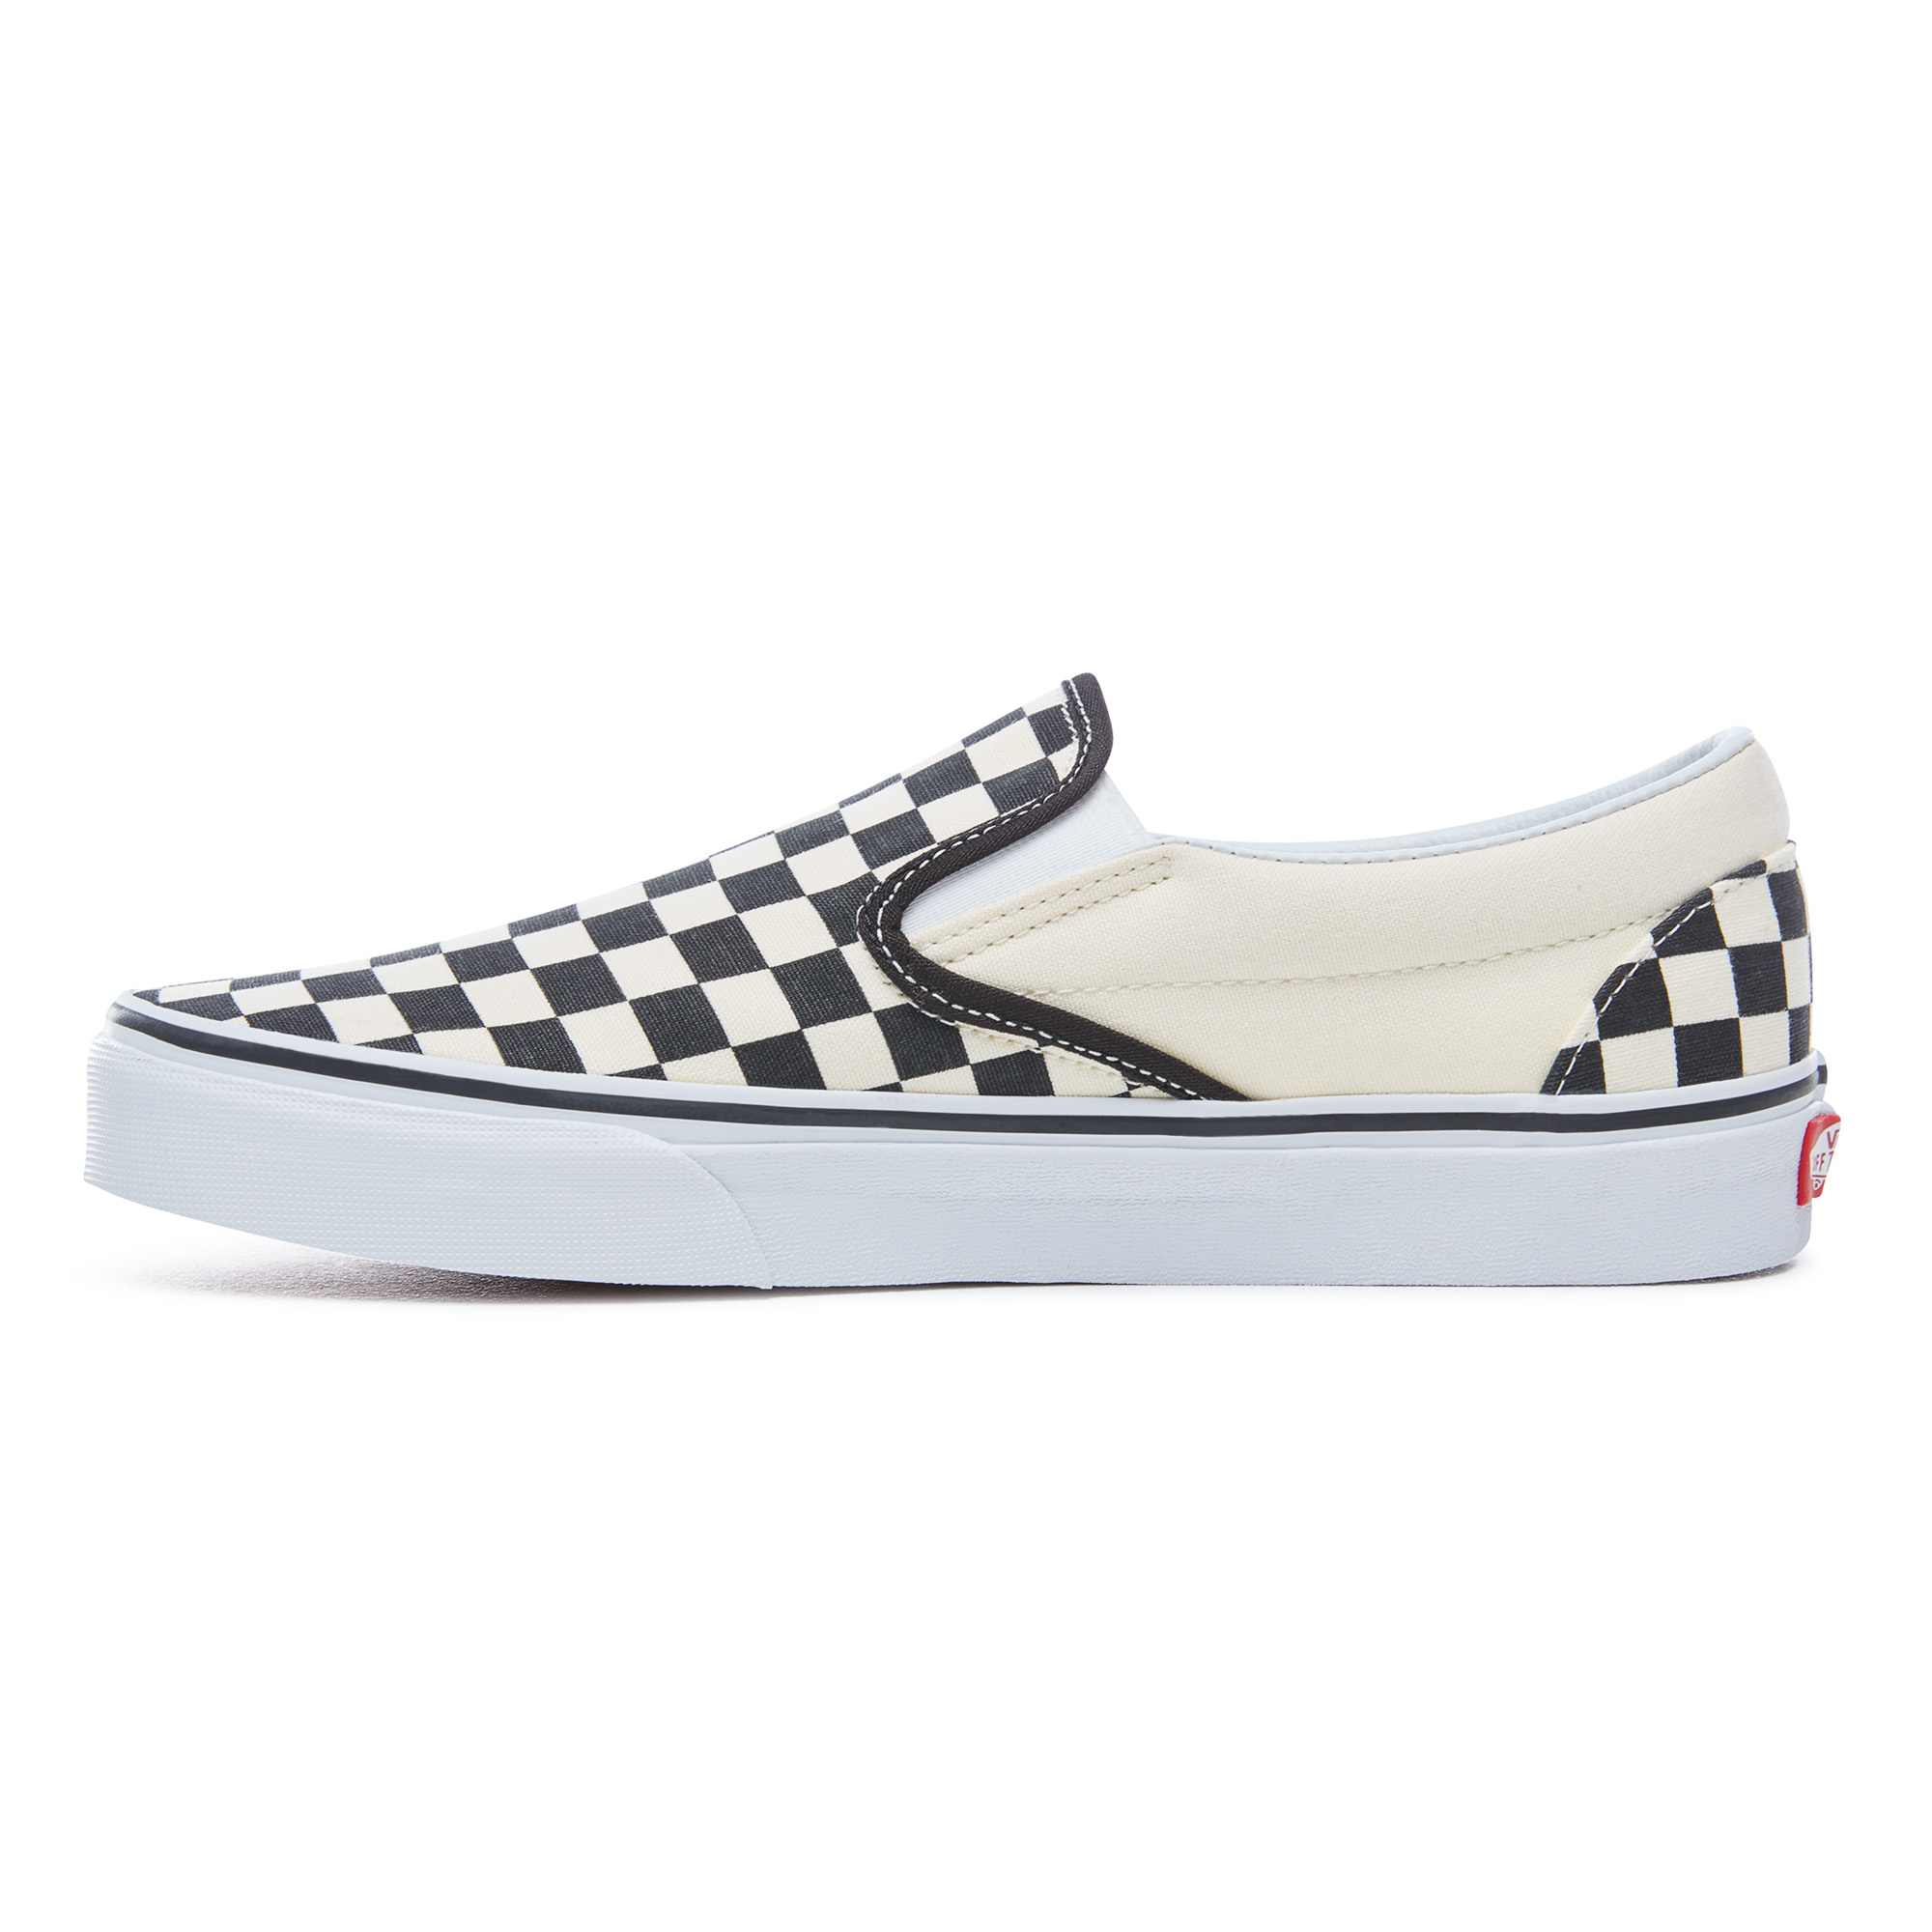 Vans Classic Checkboard Slip-On sneakers, unisex, black/white, 7.5